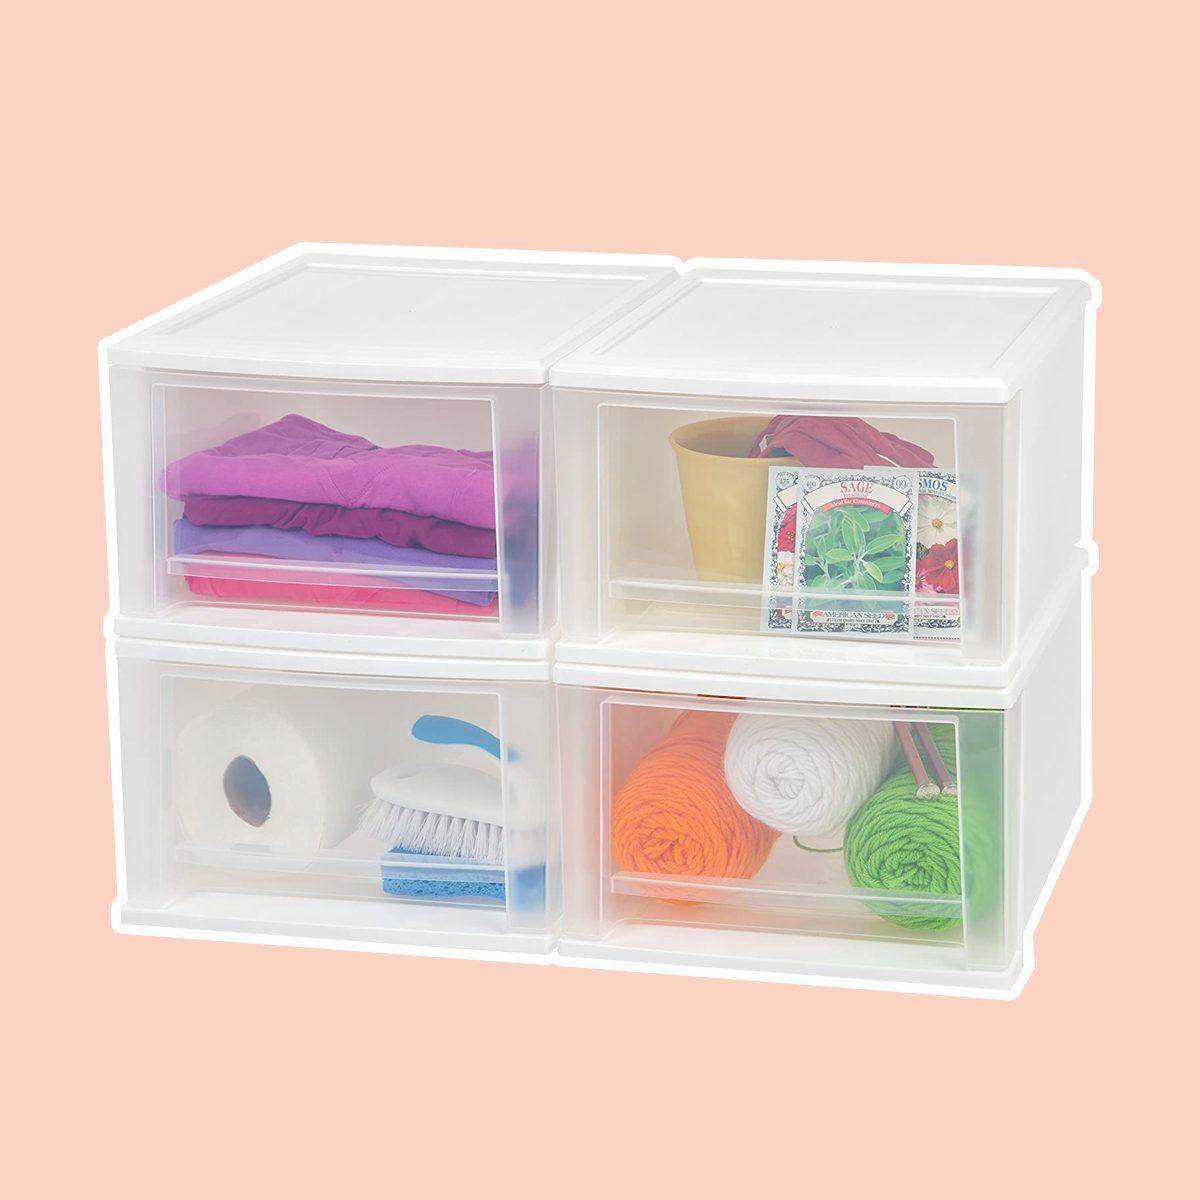 Stackable Plastic Bins